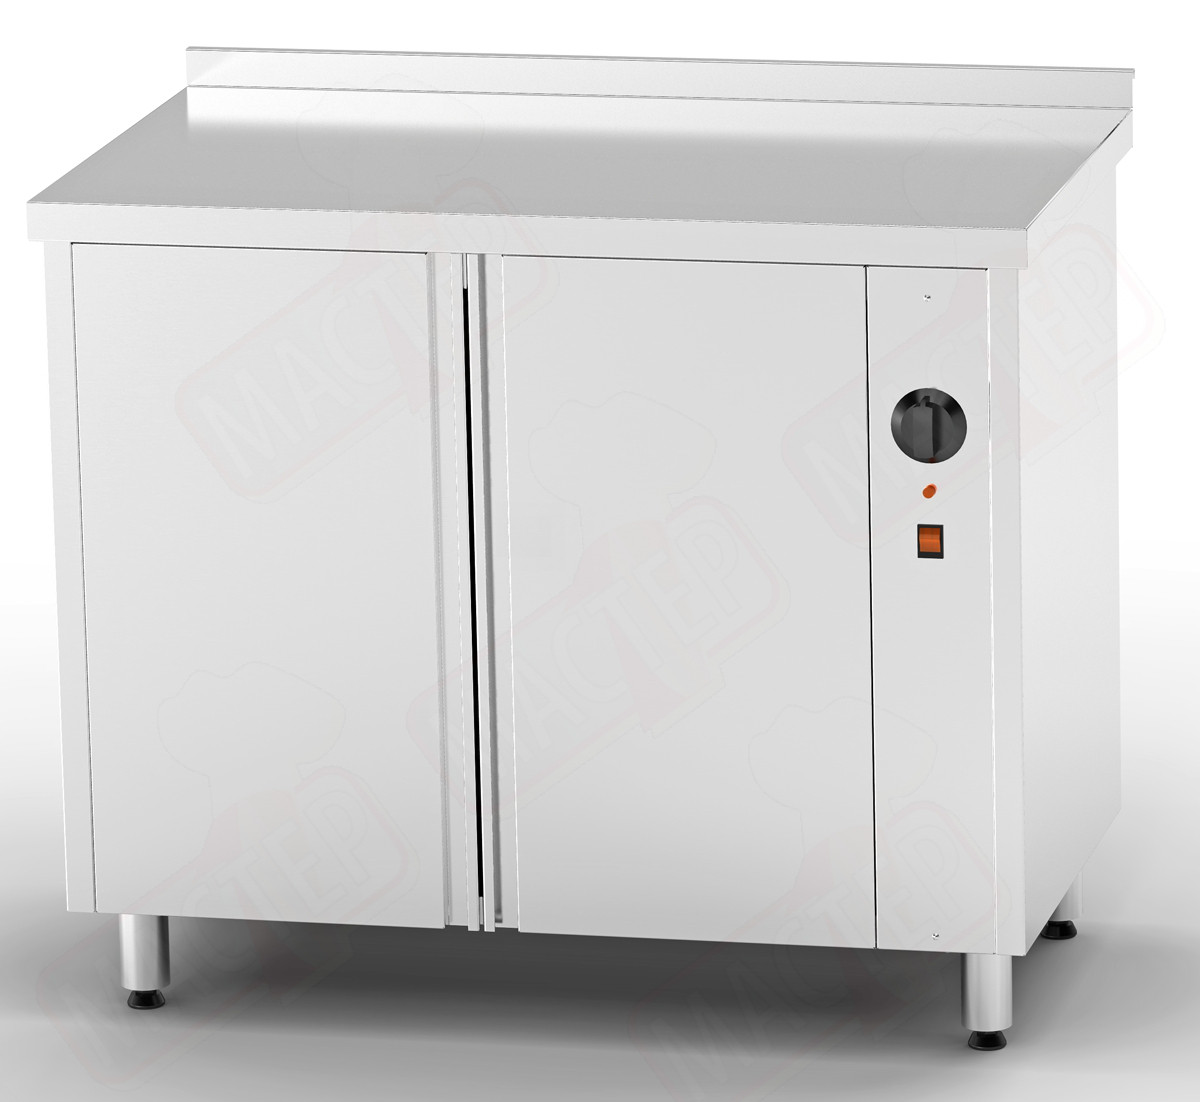 Стол тепловой 1300*700*850 для подогрева тарелок двери распашные (без полки)